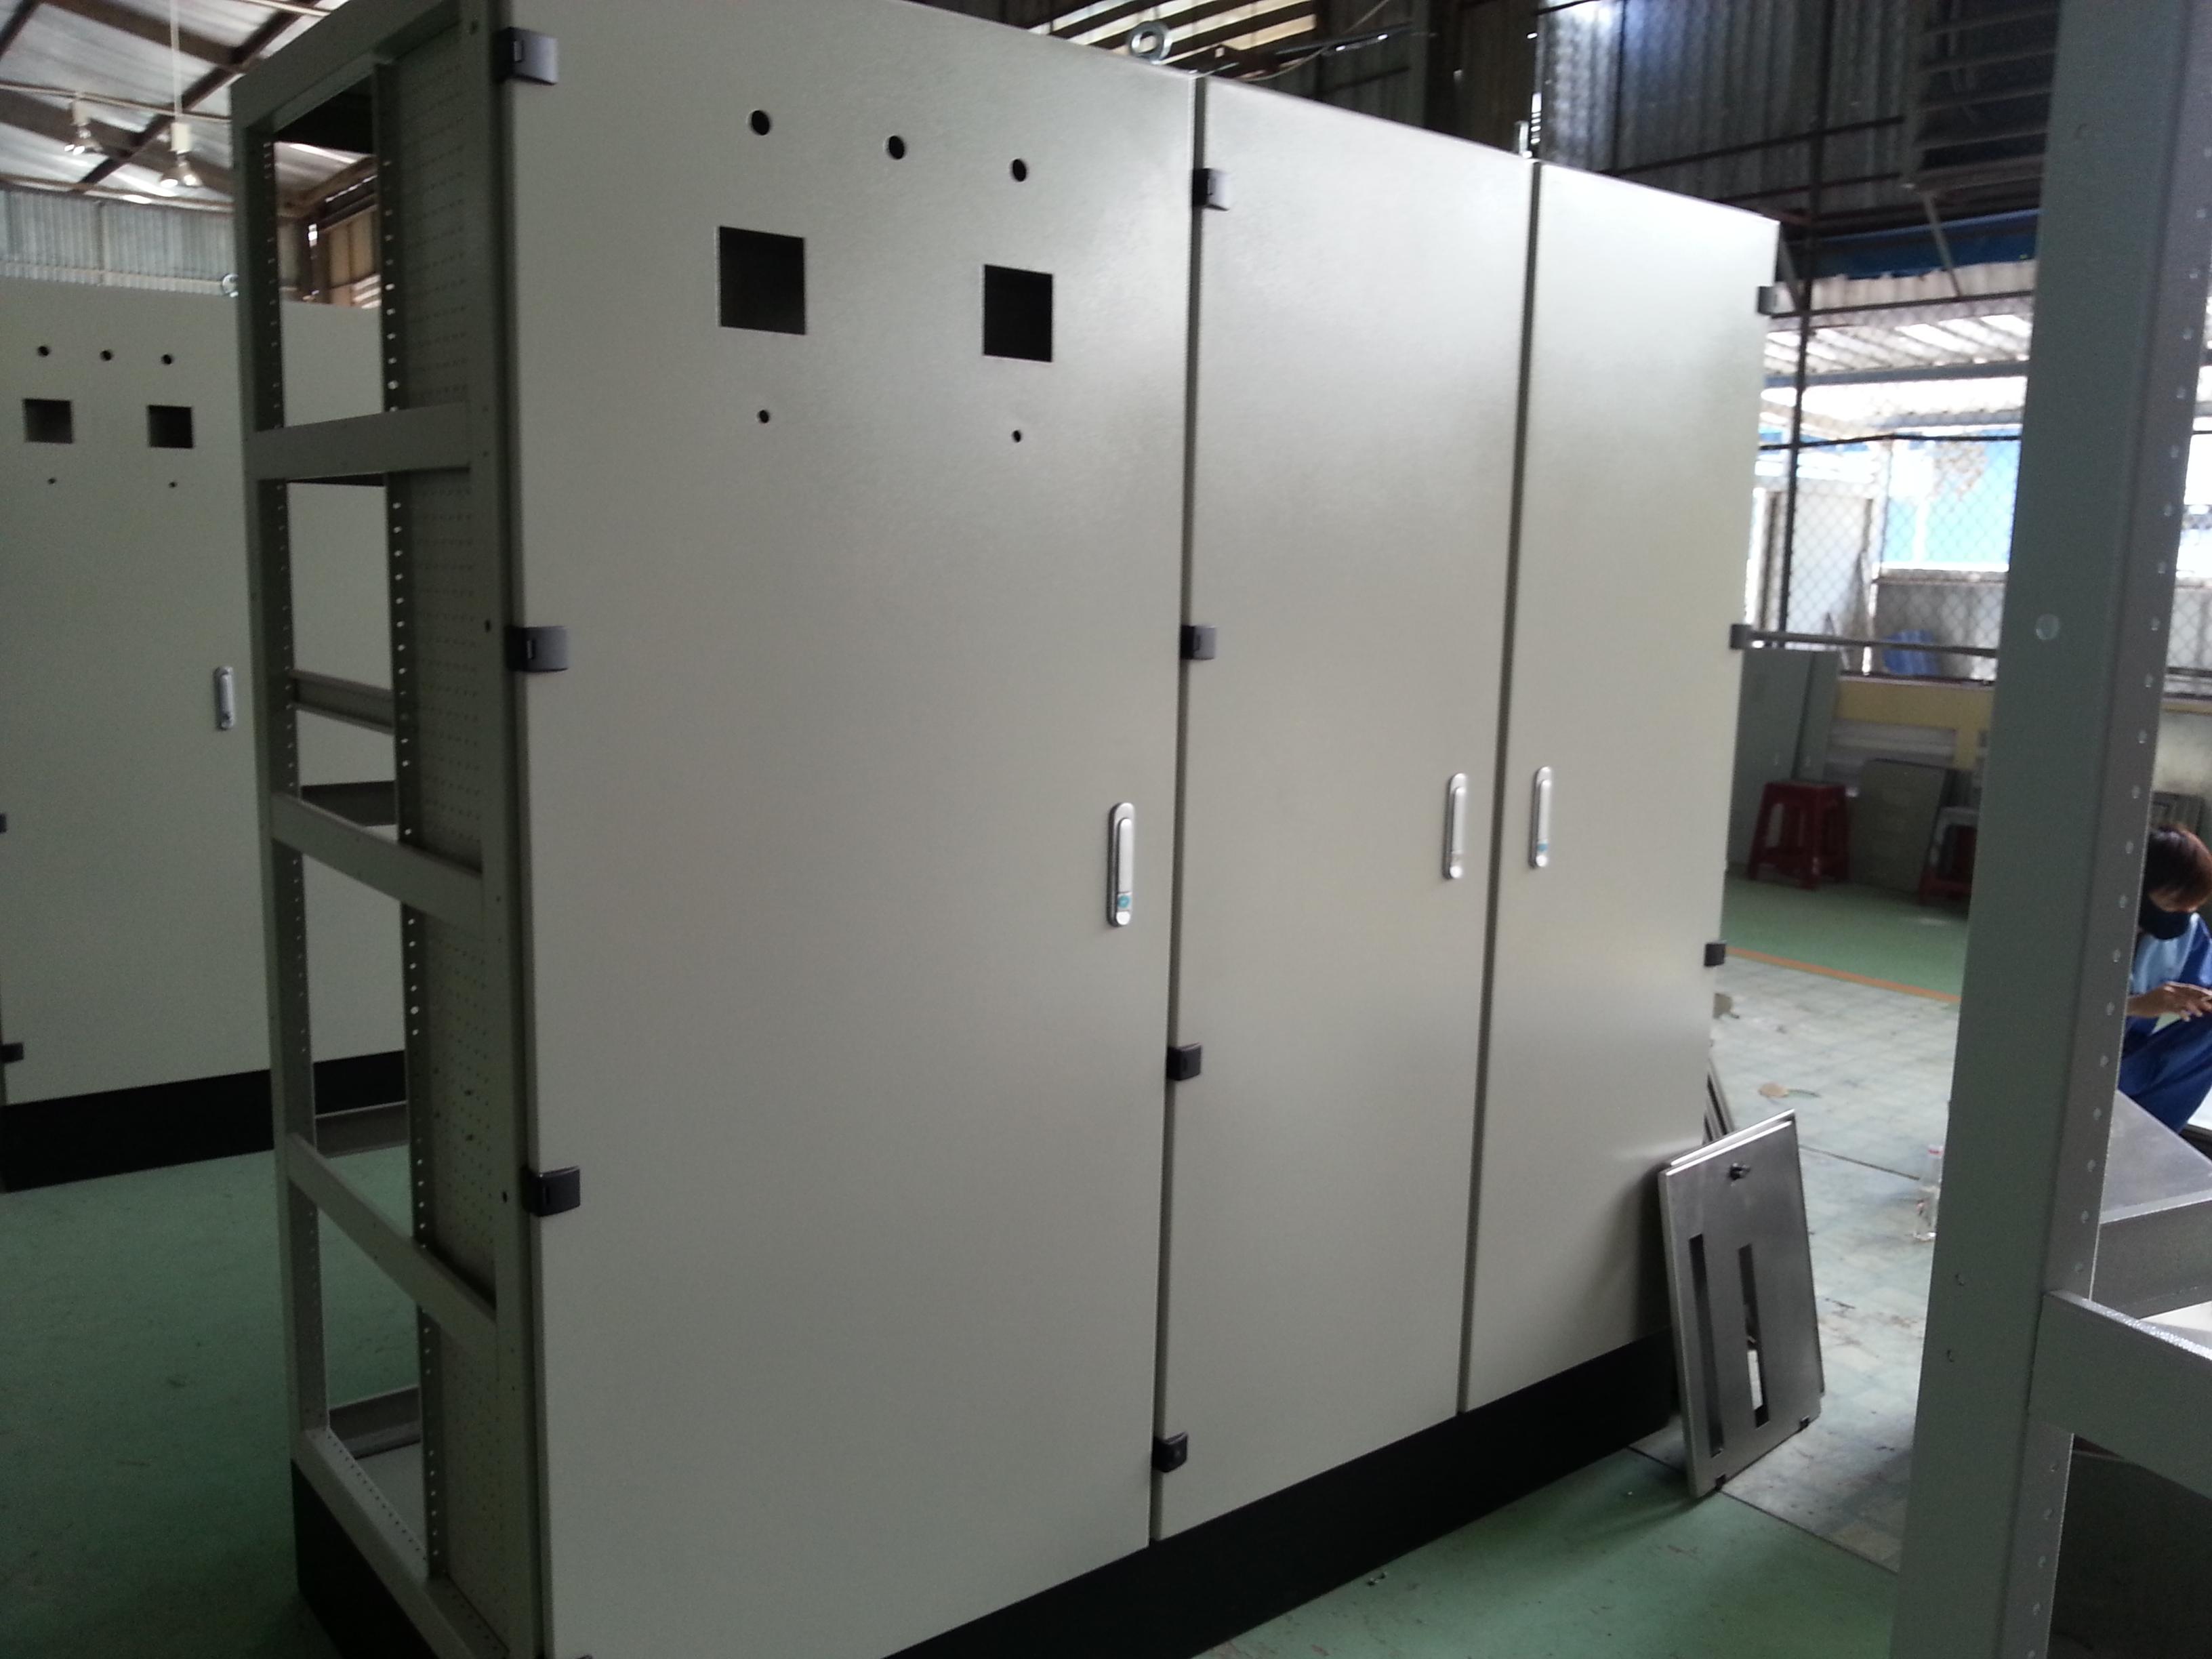 Vỏ tủ điện, vỏ tủ điện điều khiển, vỏ tủ điện ats, báo giá vỏ tủ điện giá rẻ nhất